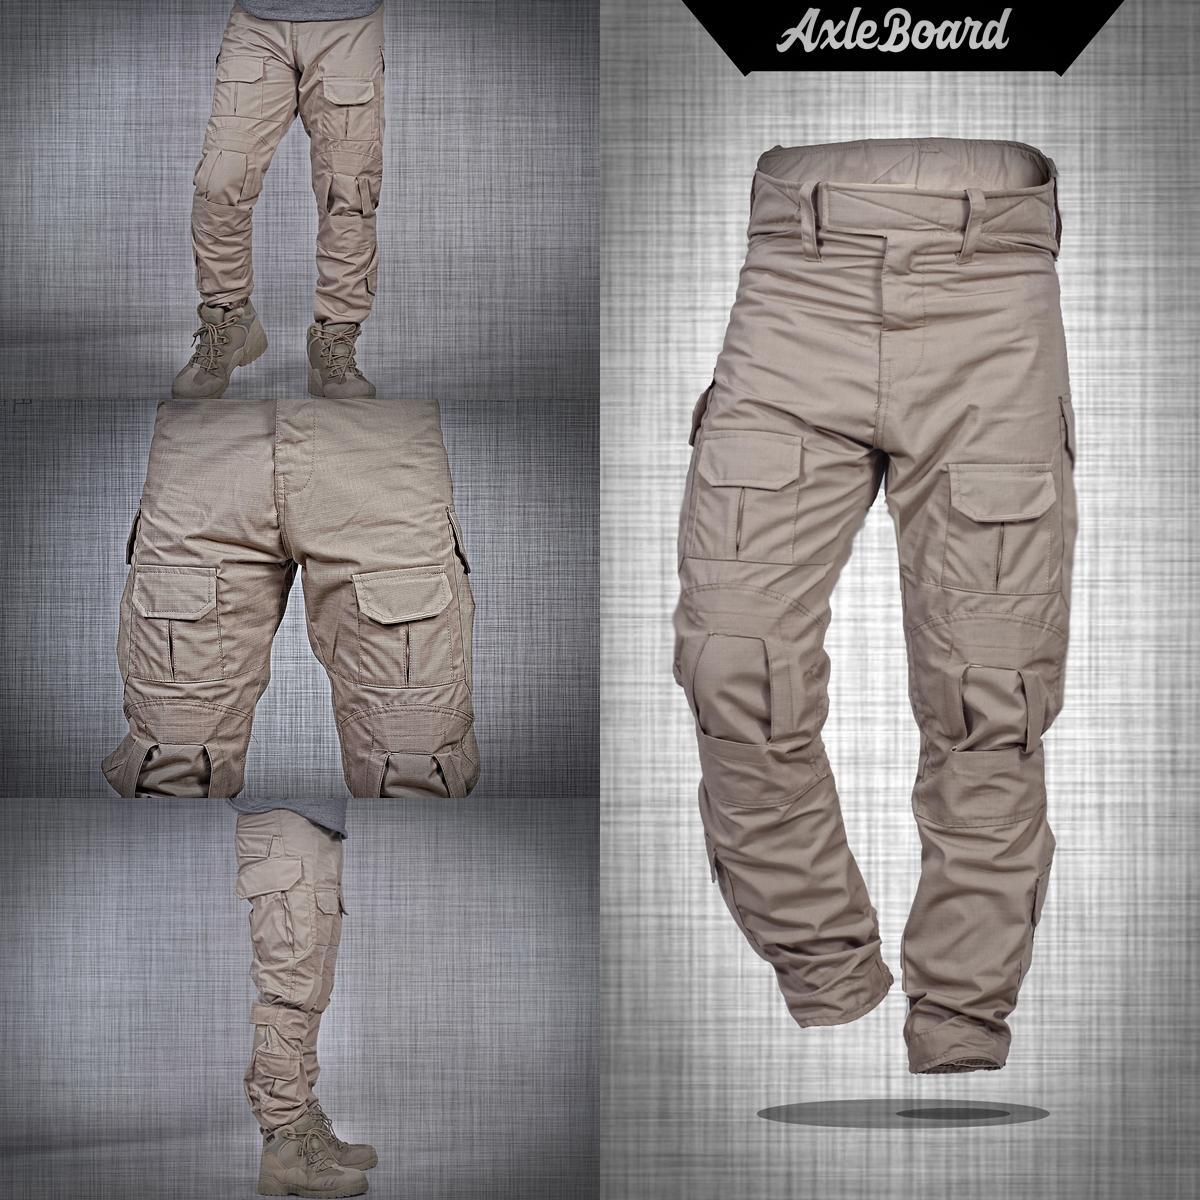 Celana panjang pria pdl army tactical 511 premium warna krem axlestore